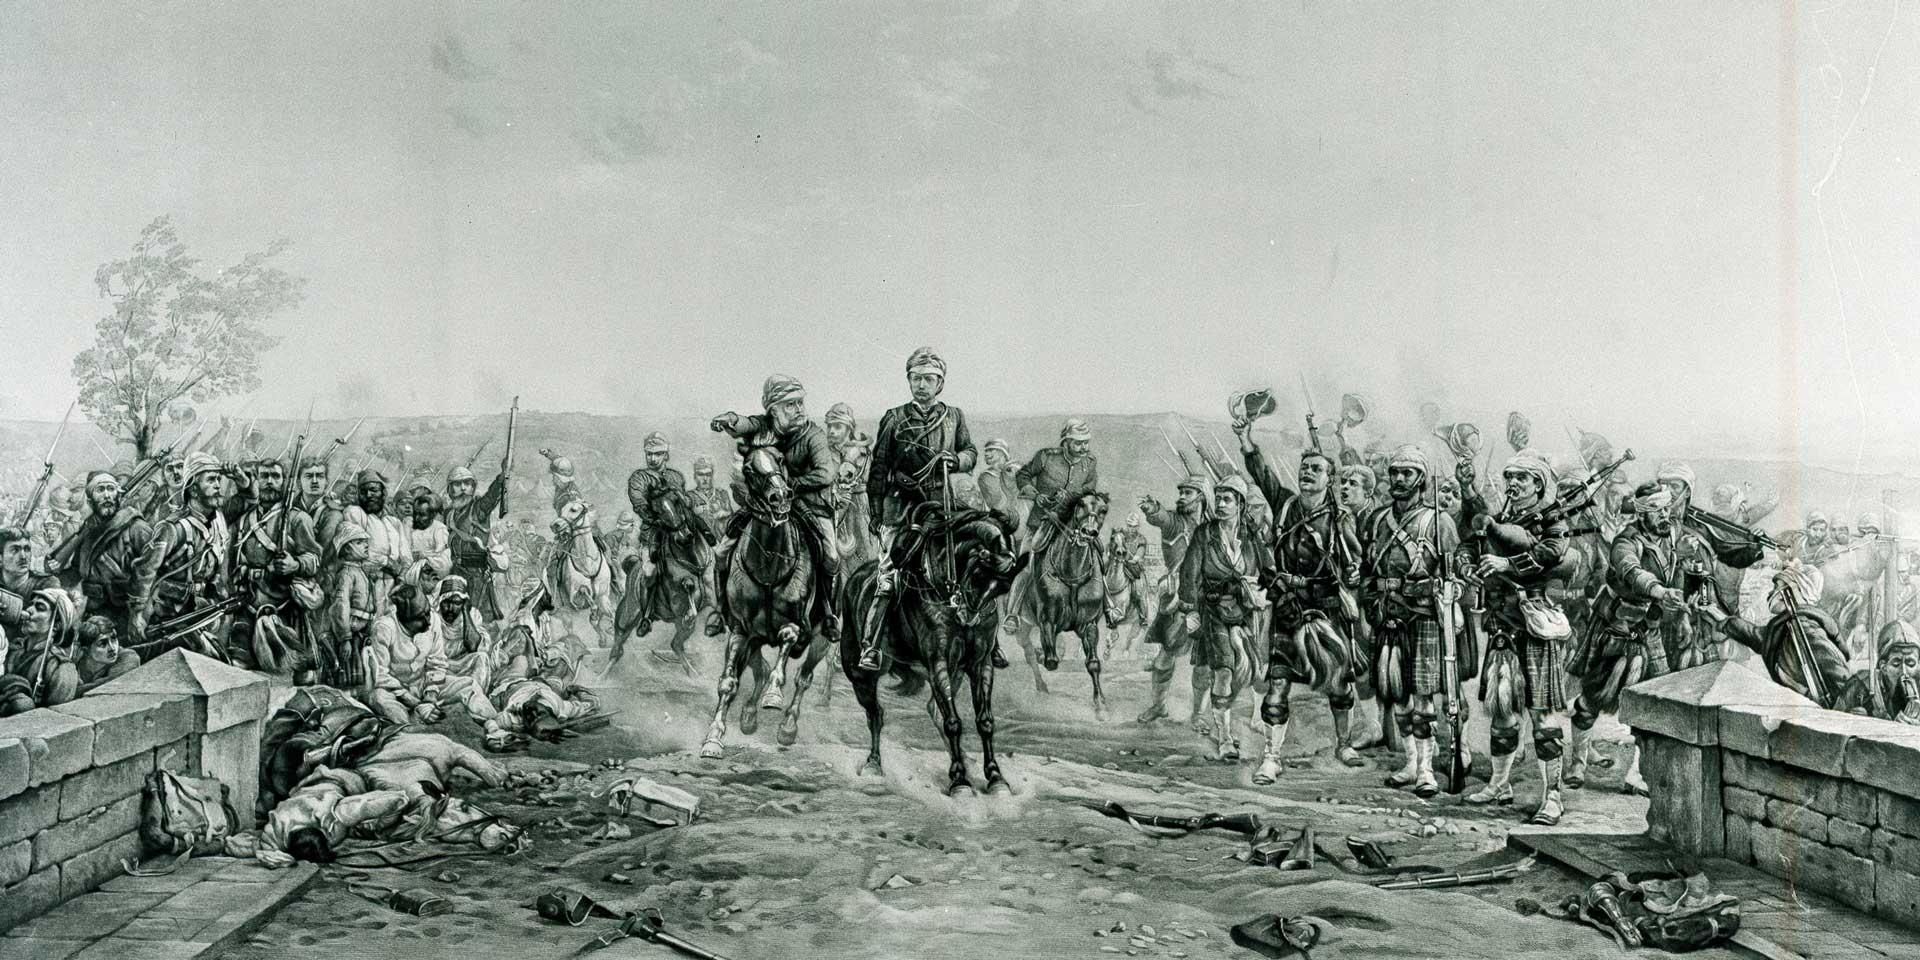 'After the Battle of Tel-el-Kebir - General Wolseley cheered by Highlanders', 1882